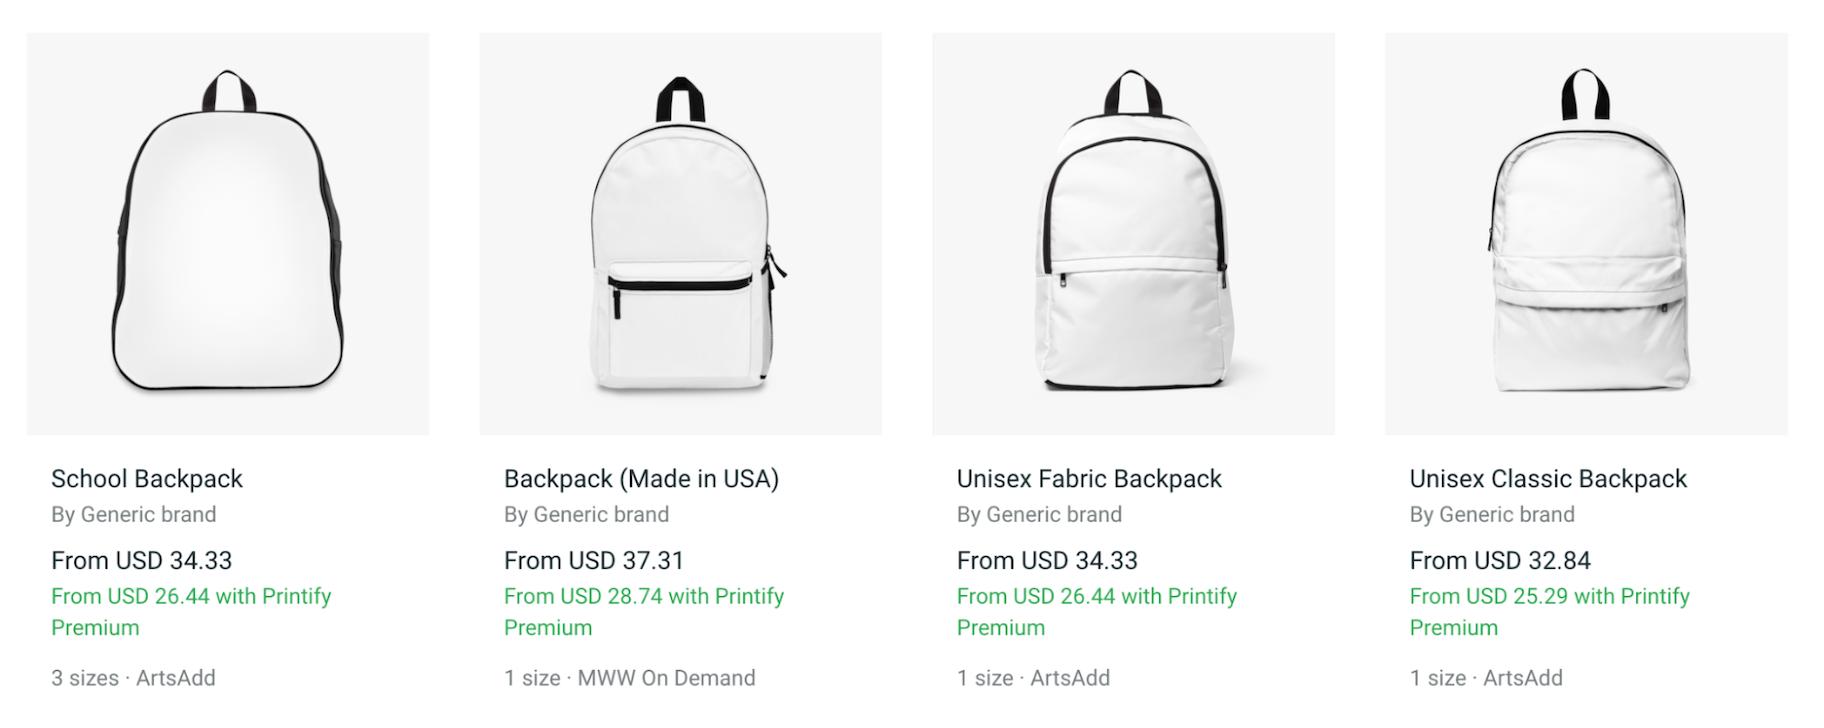 Printify: Print-on-Demand Backpacks